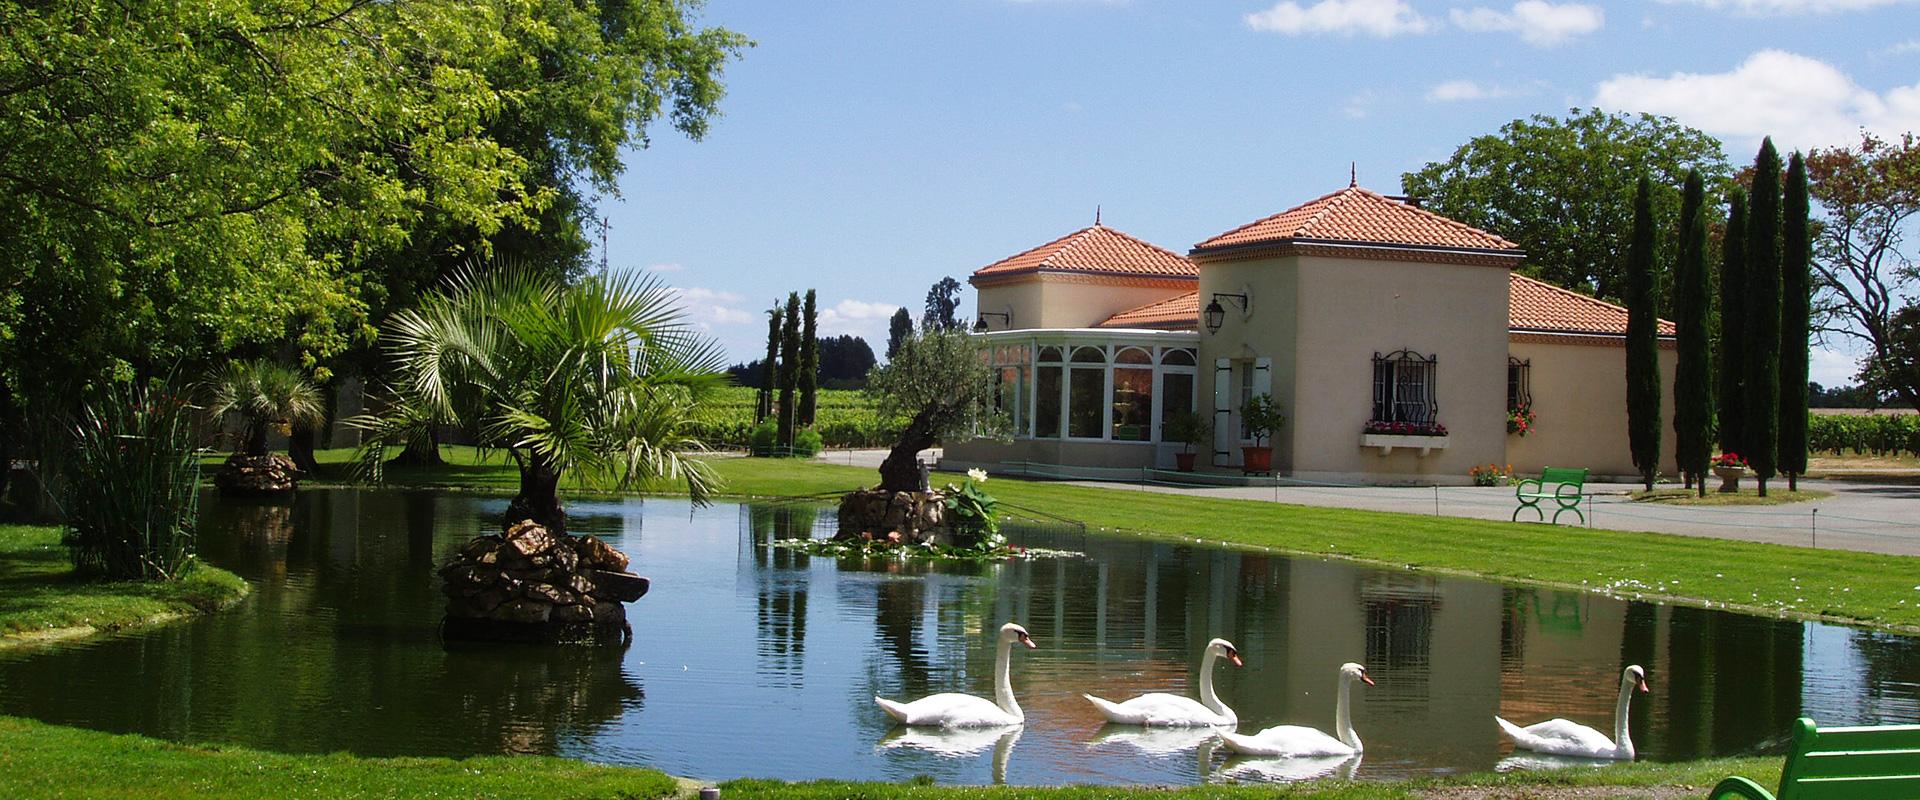 vue sur le parc de la propriété avec un lac et des cygnes Château L'Inclassable